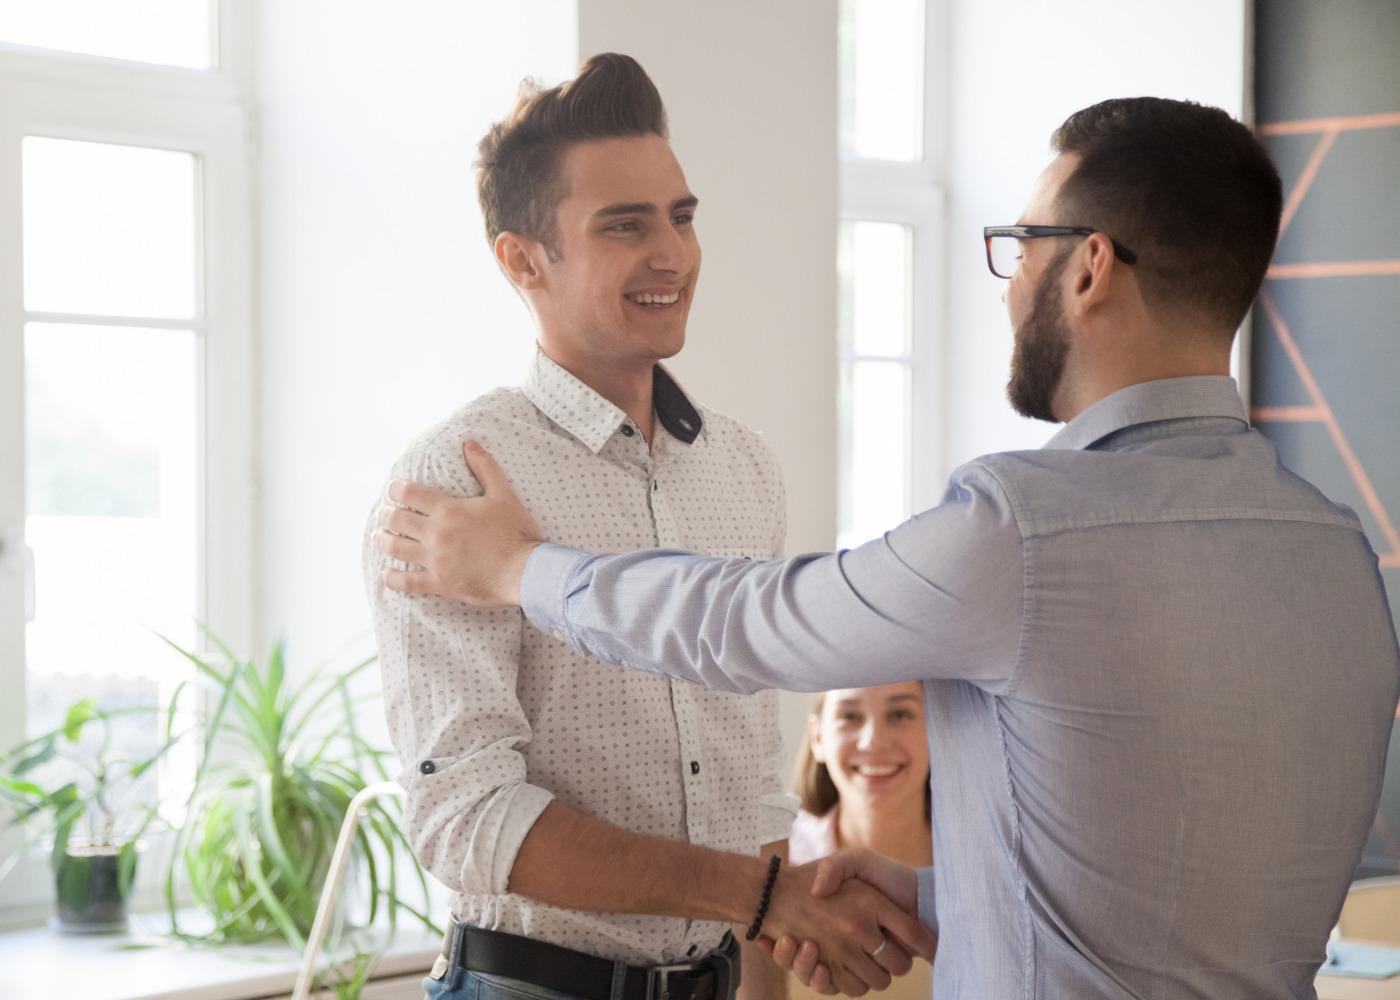 orientador a cumprimentar e felicitar estagiário